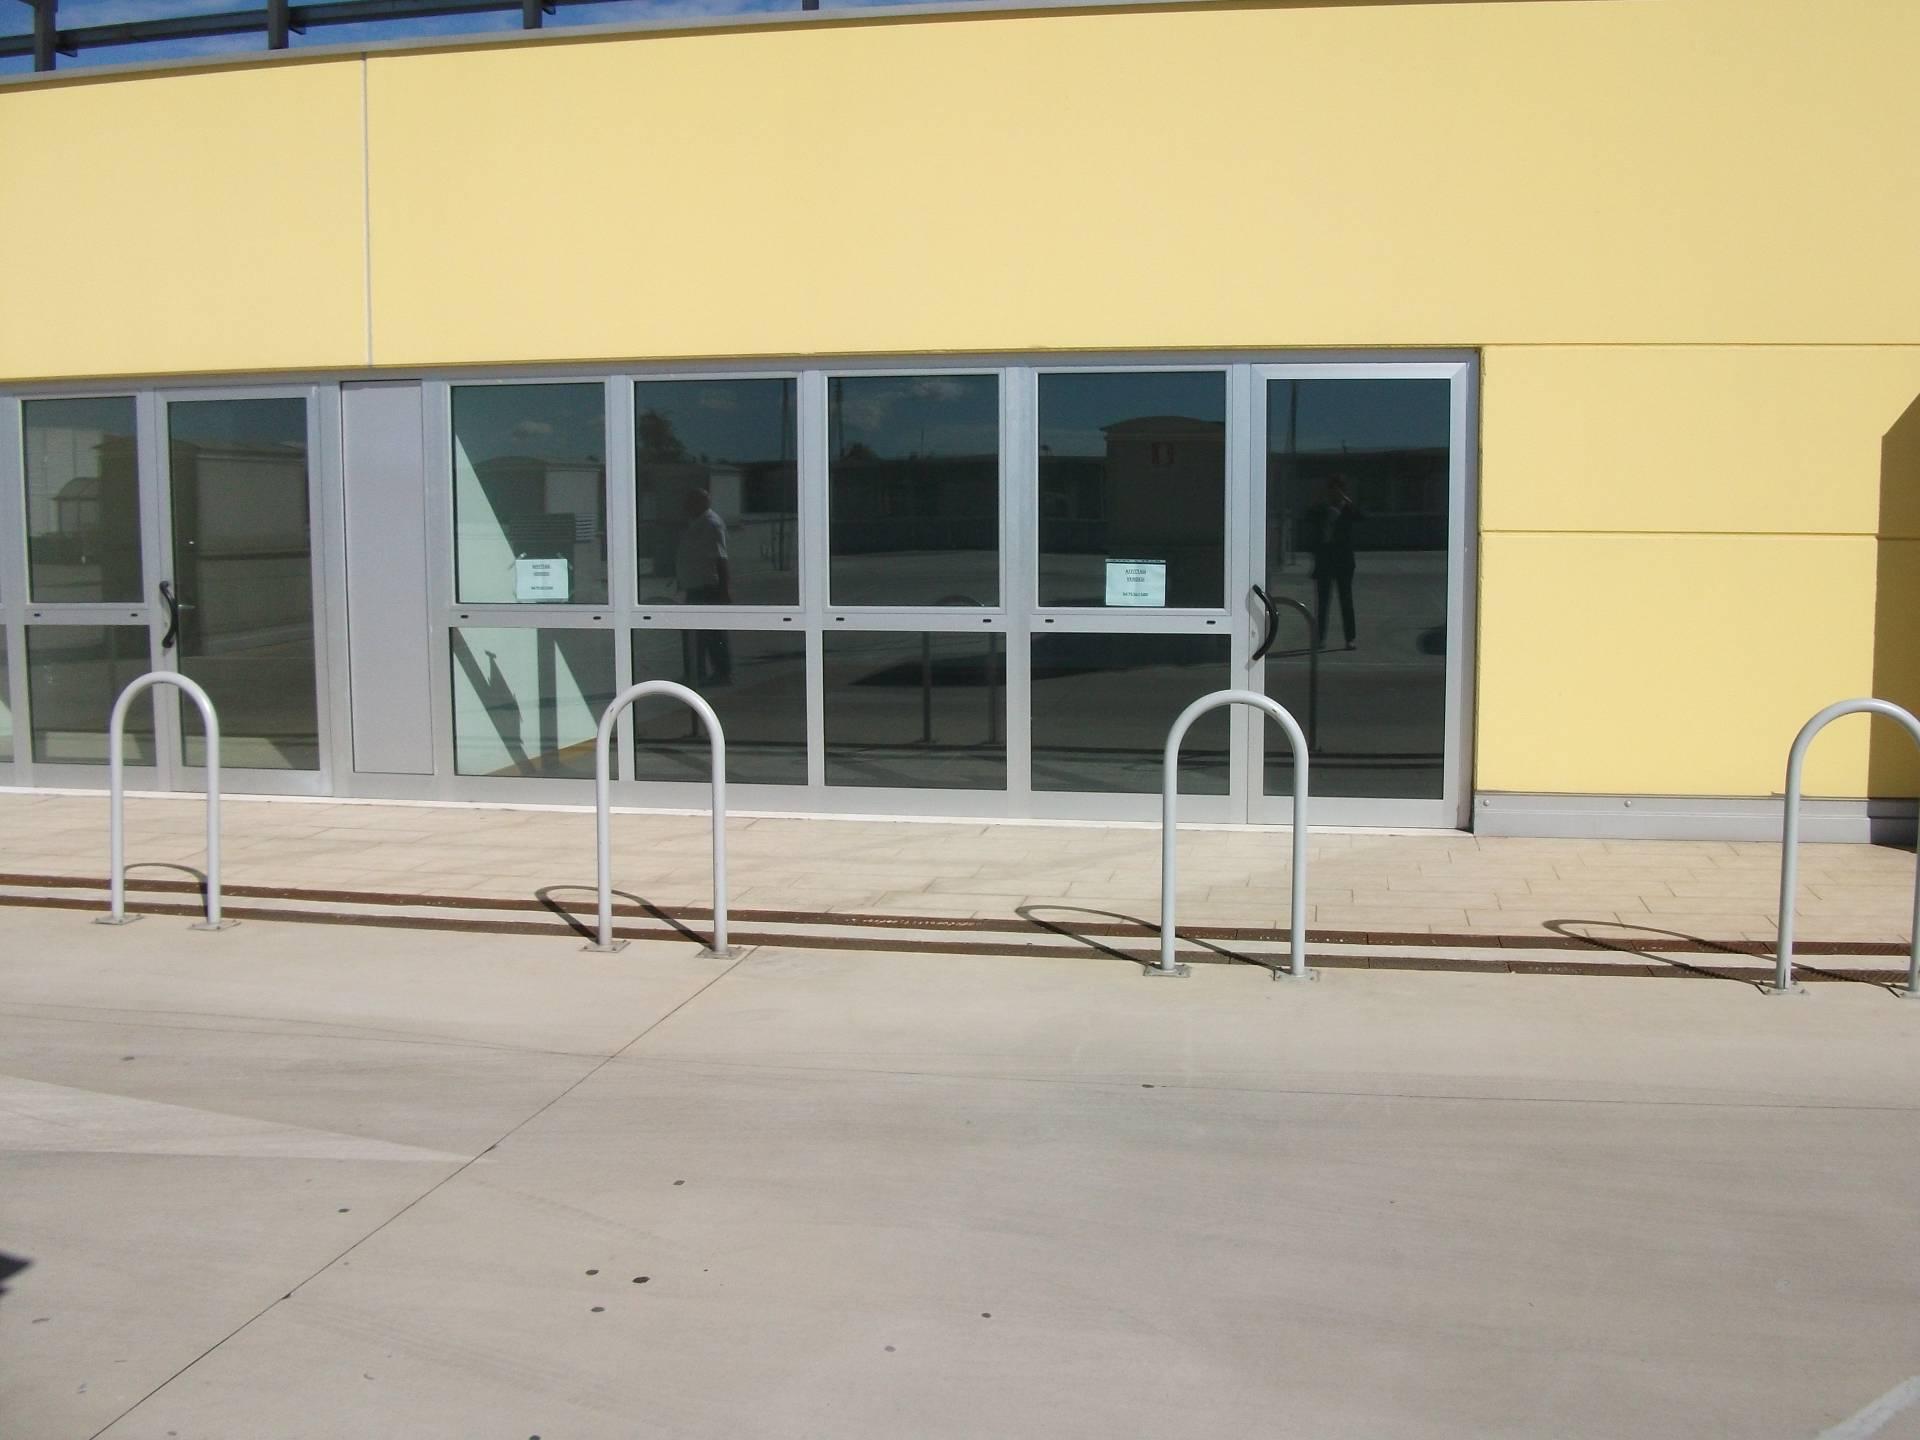 Ufficio / Studio in vendita a Mogliano Veneto, 9999 locali, prezzo € 120.000 | CambioCasa.it